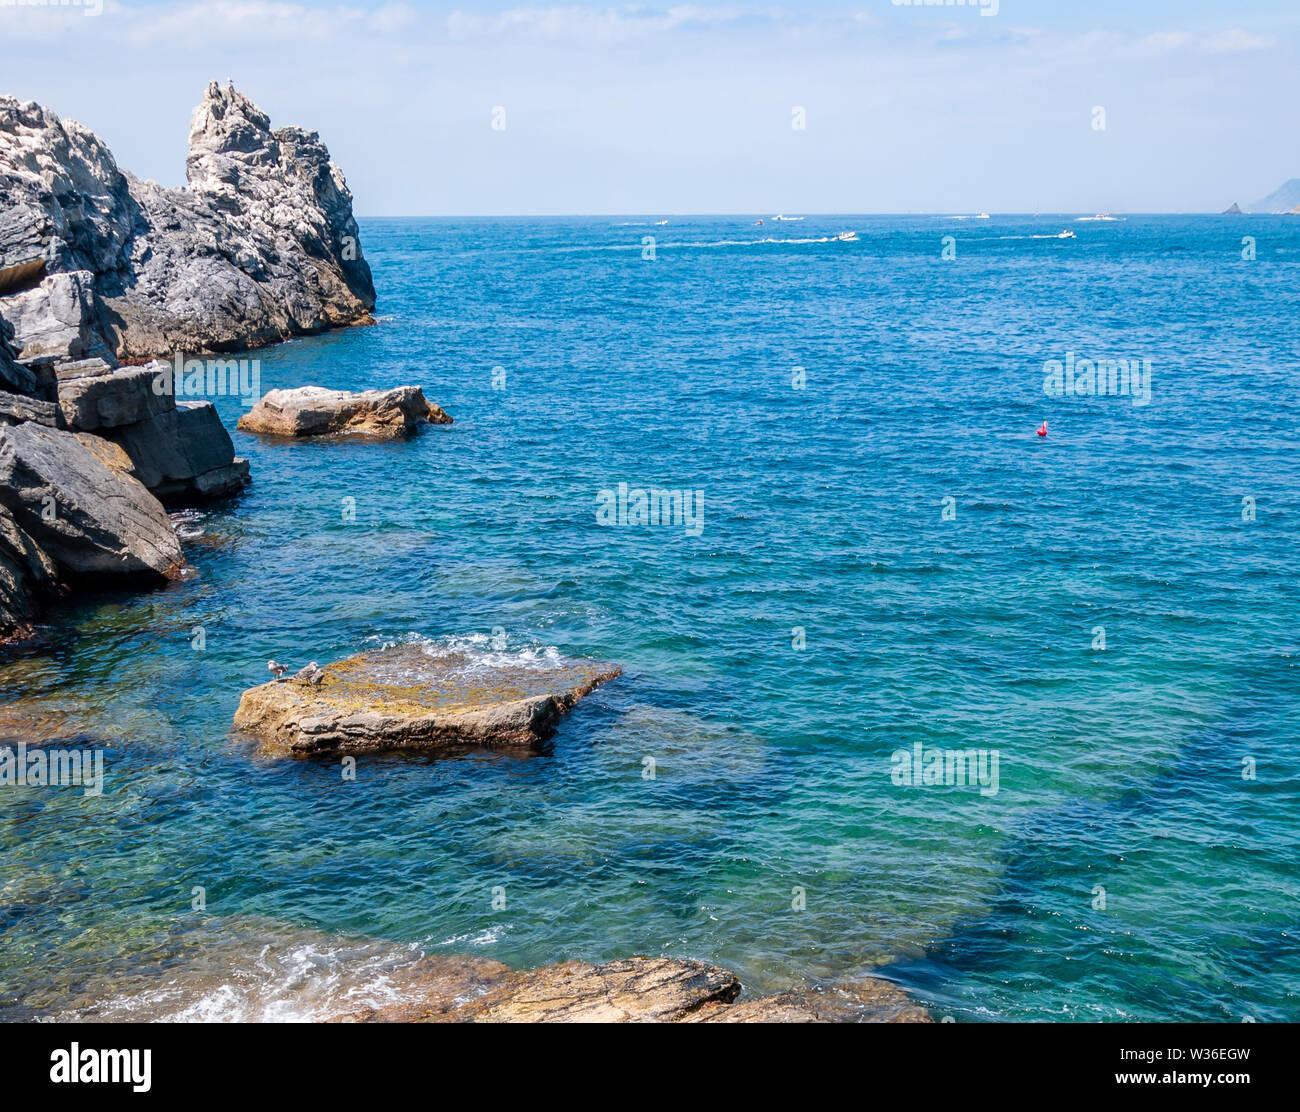 Portovenere Italien Schönen Dorf Am Meer Mit Dem Berühmten